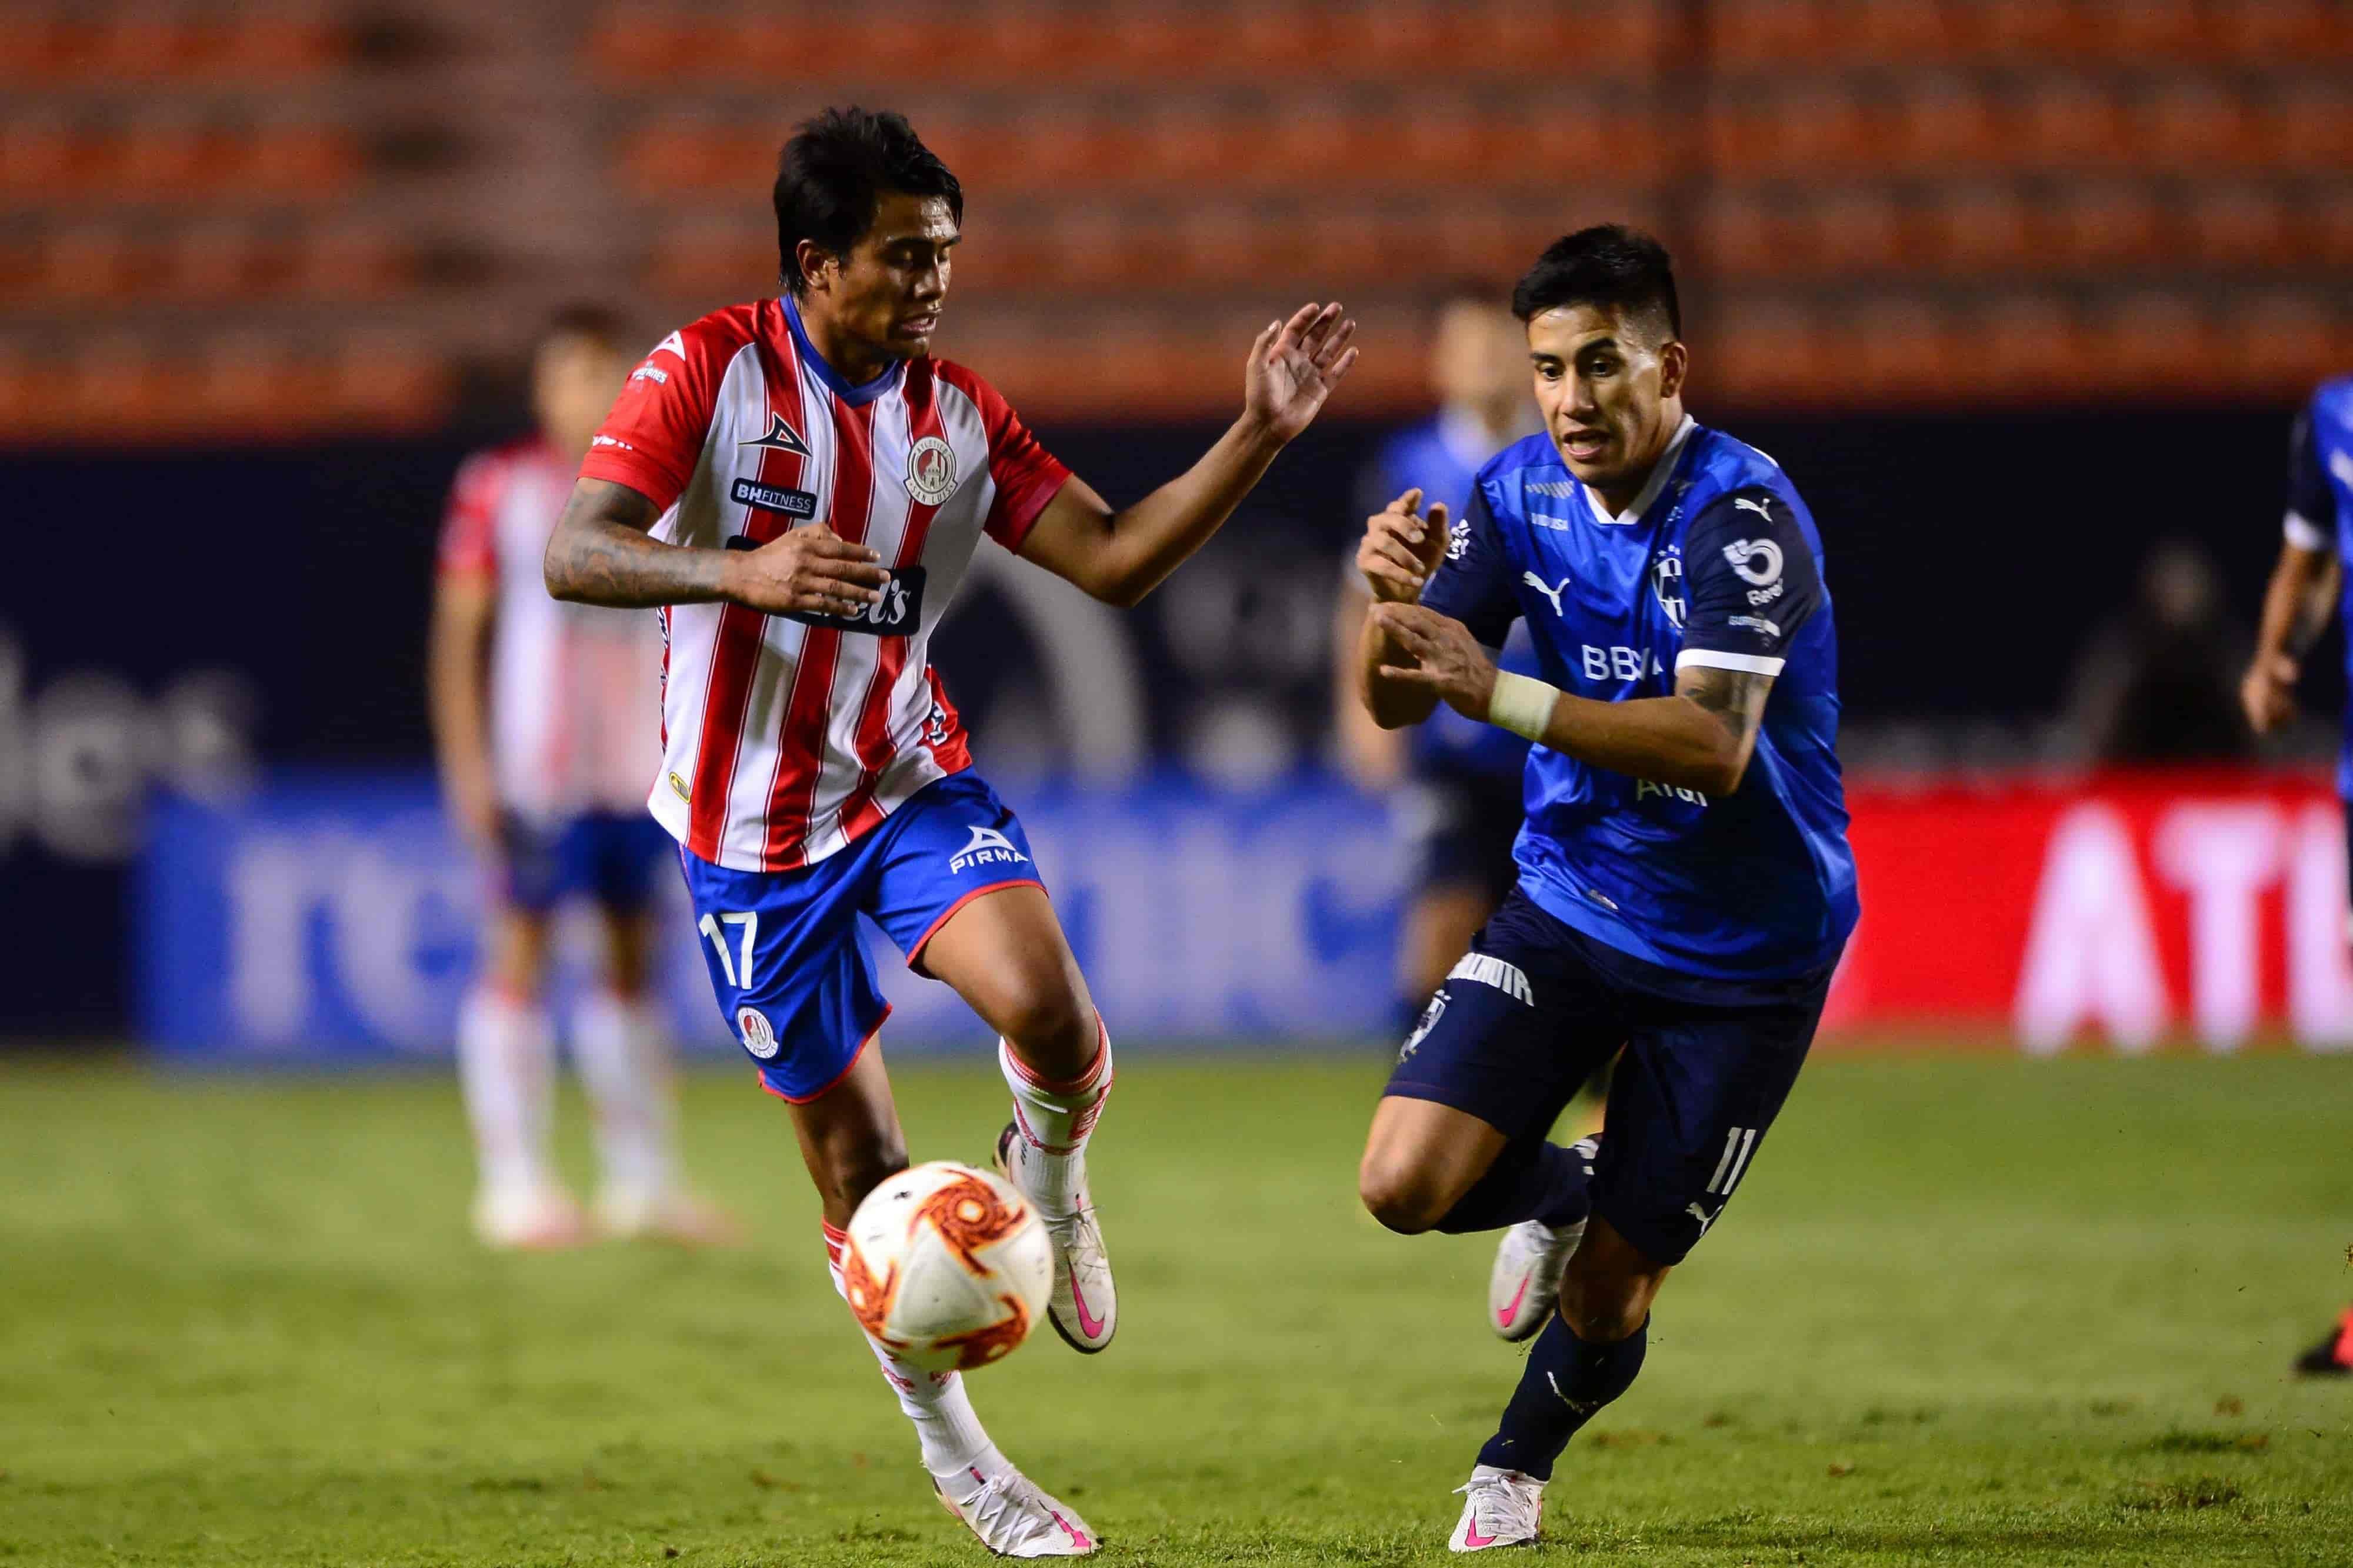 Atlético de San Luis 1 - 2 Monterrey